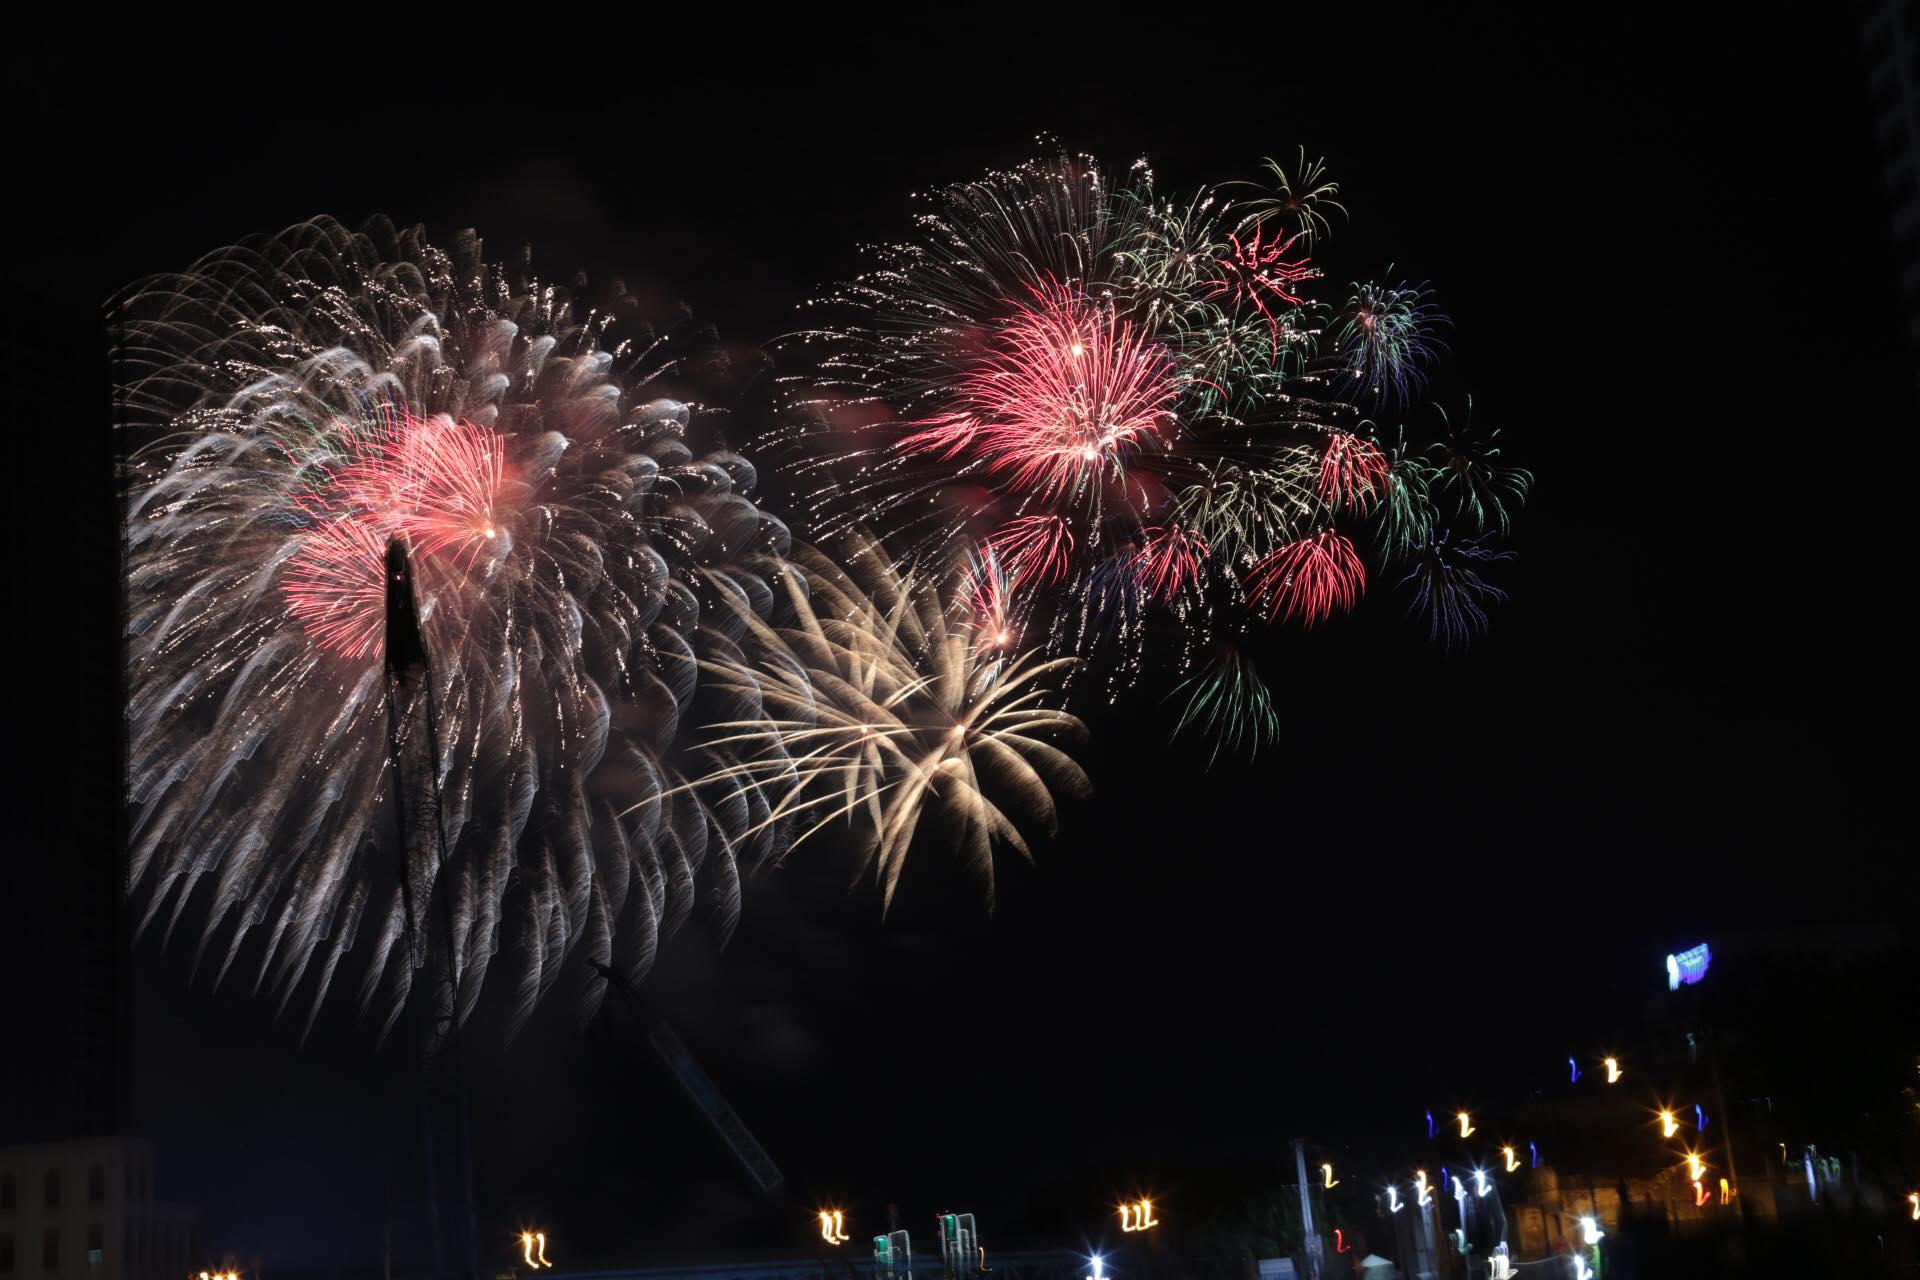 Pháo hoa rực sáng đẹp hút hồn trên bầu trời Sài Gòn, ngàn người vỗ tay tán thưởng - 16